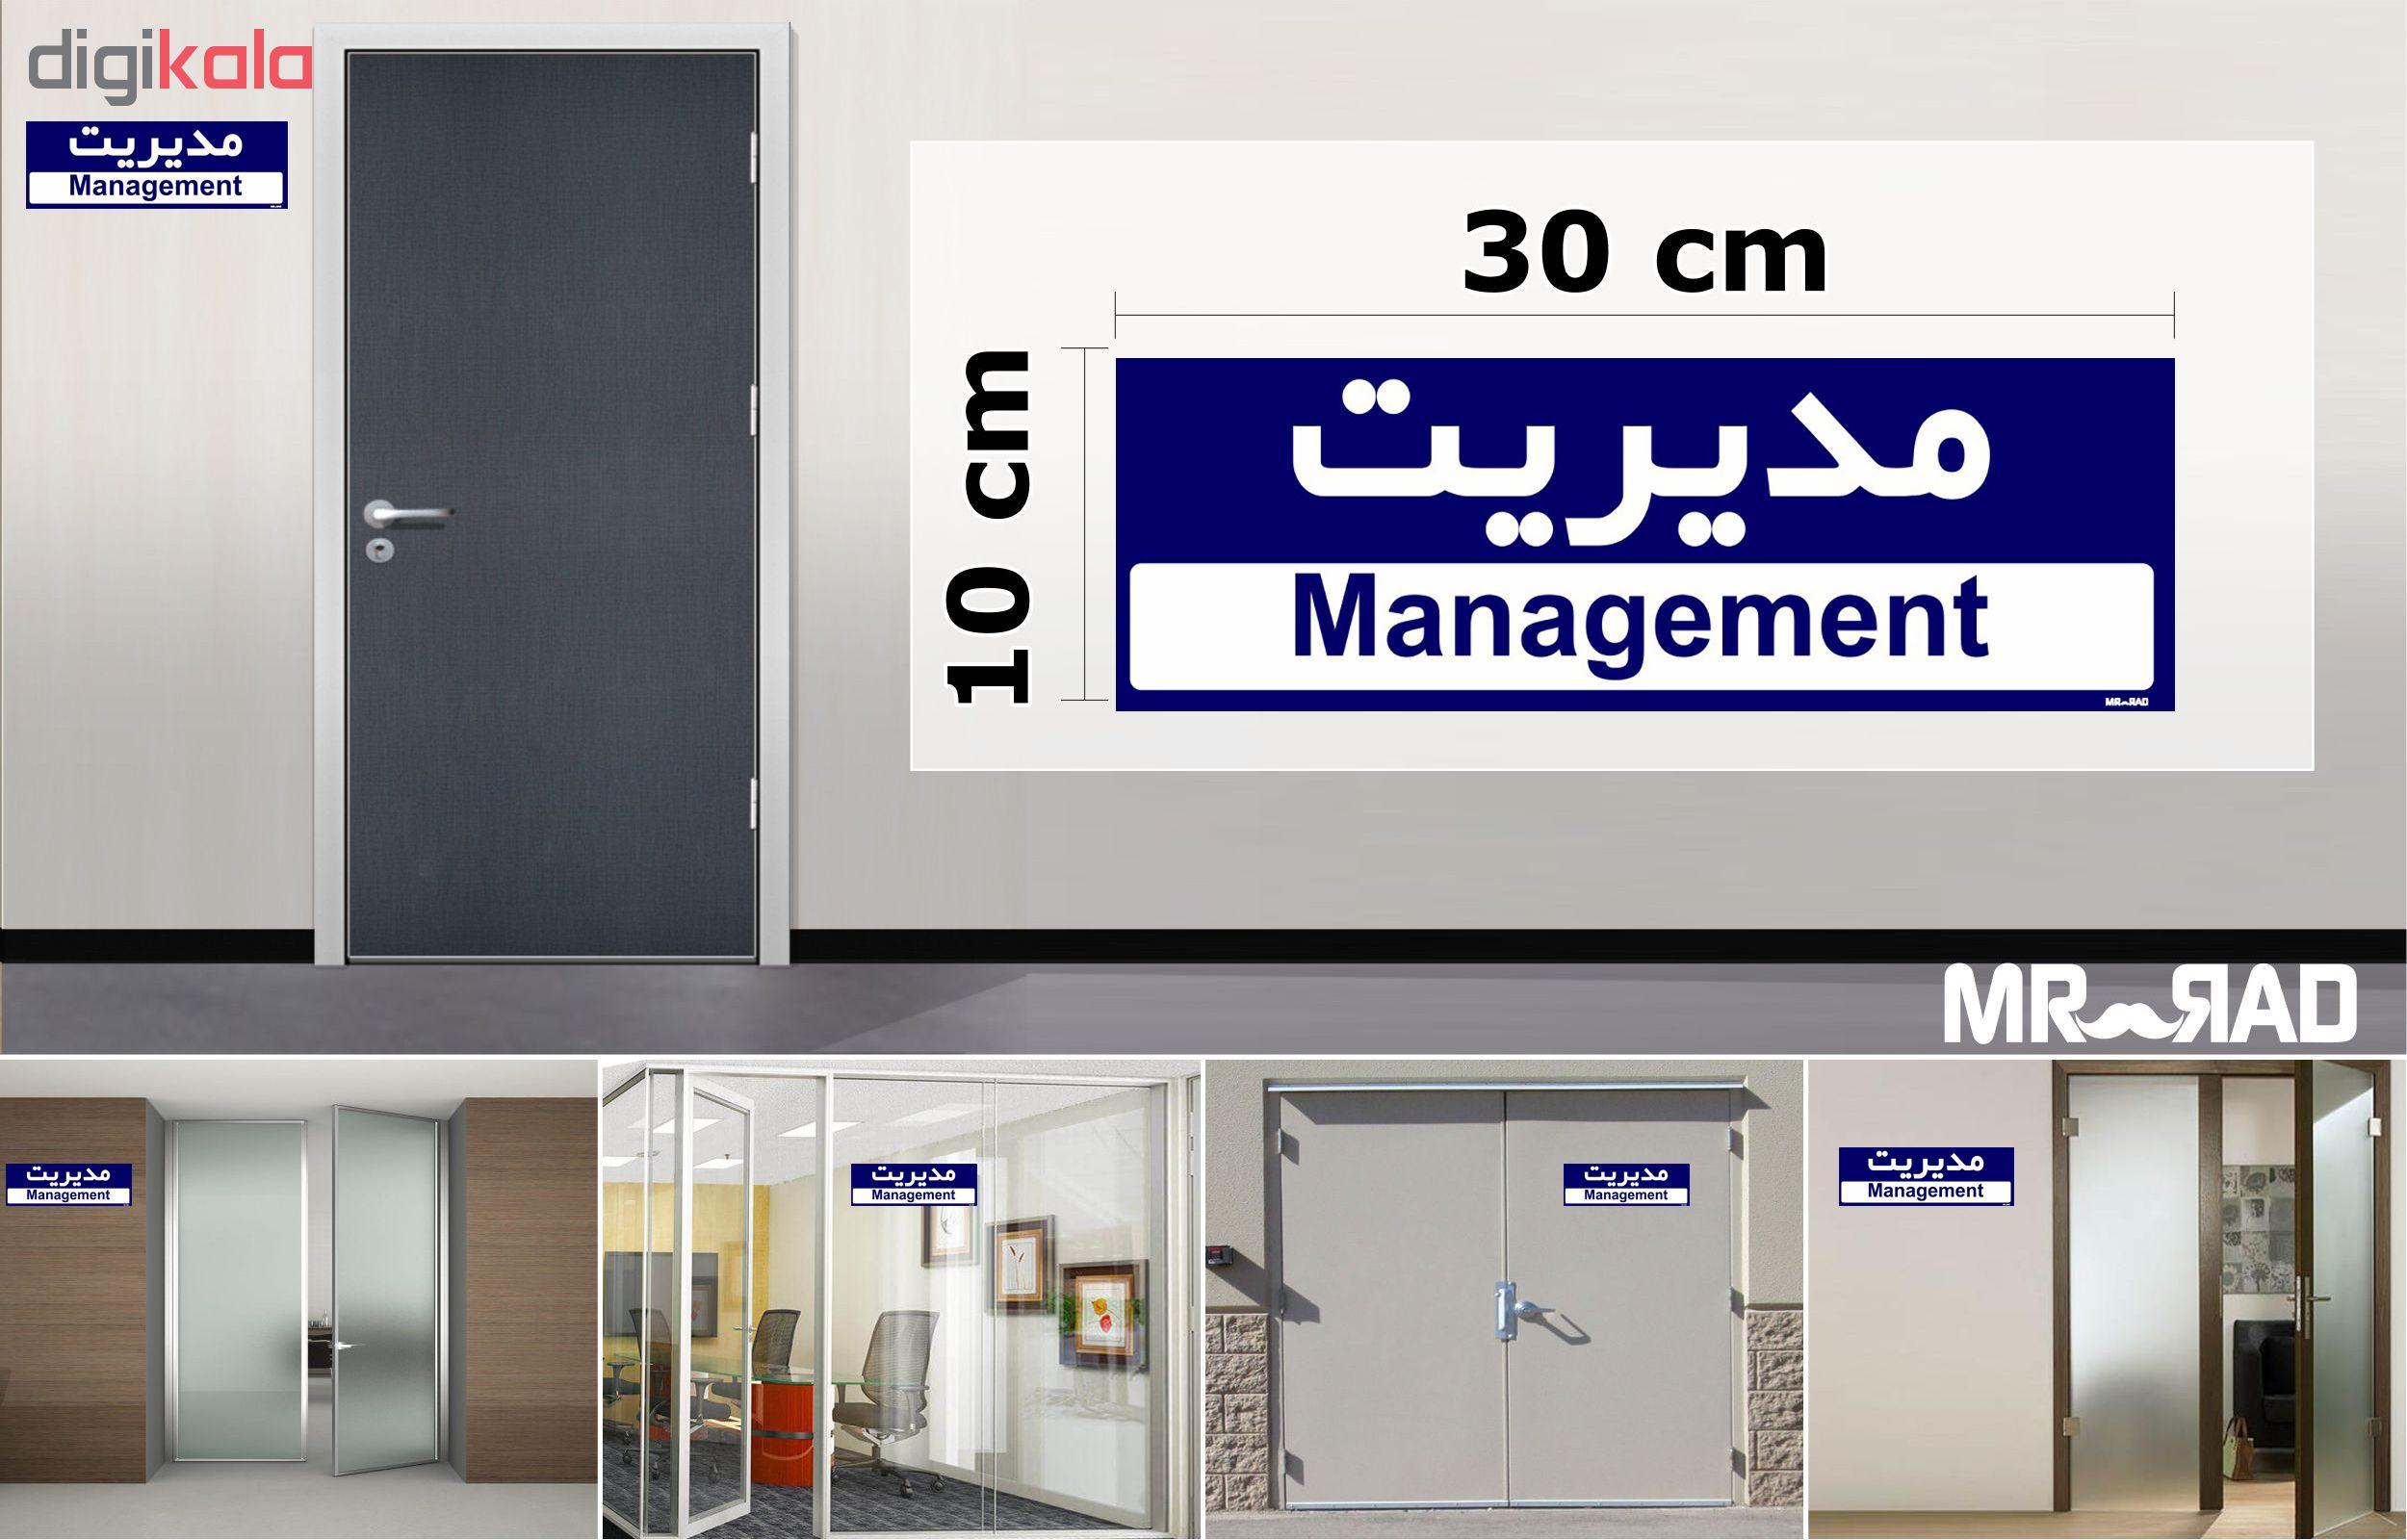 تابلو راهنمای اتاق FG طرح مدیریت کدTHO0142